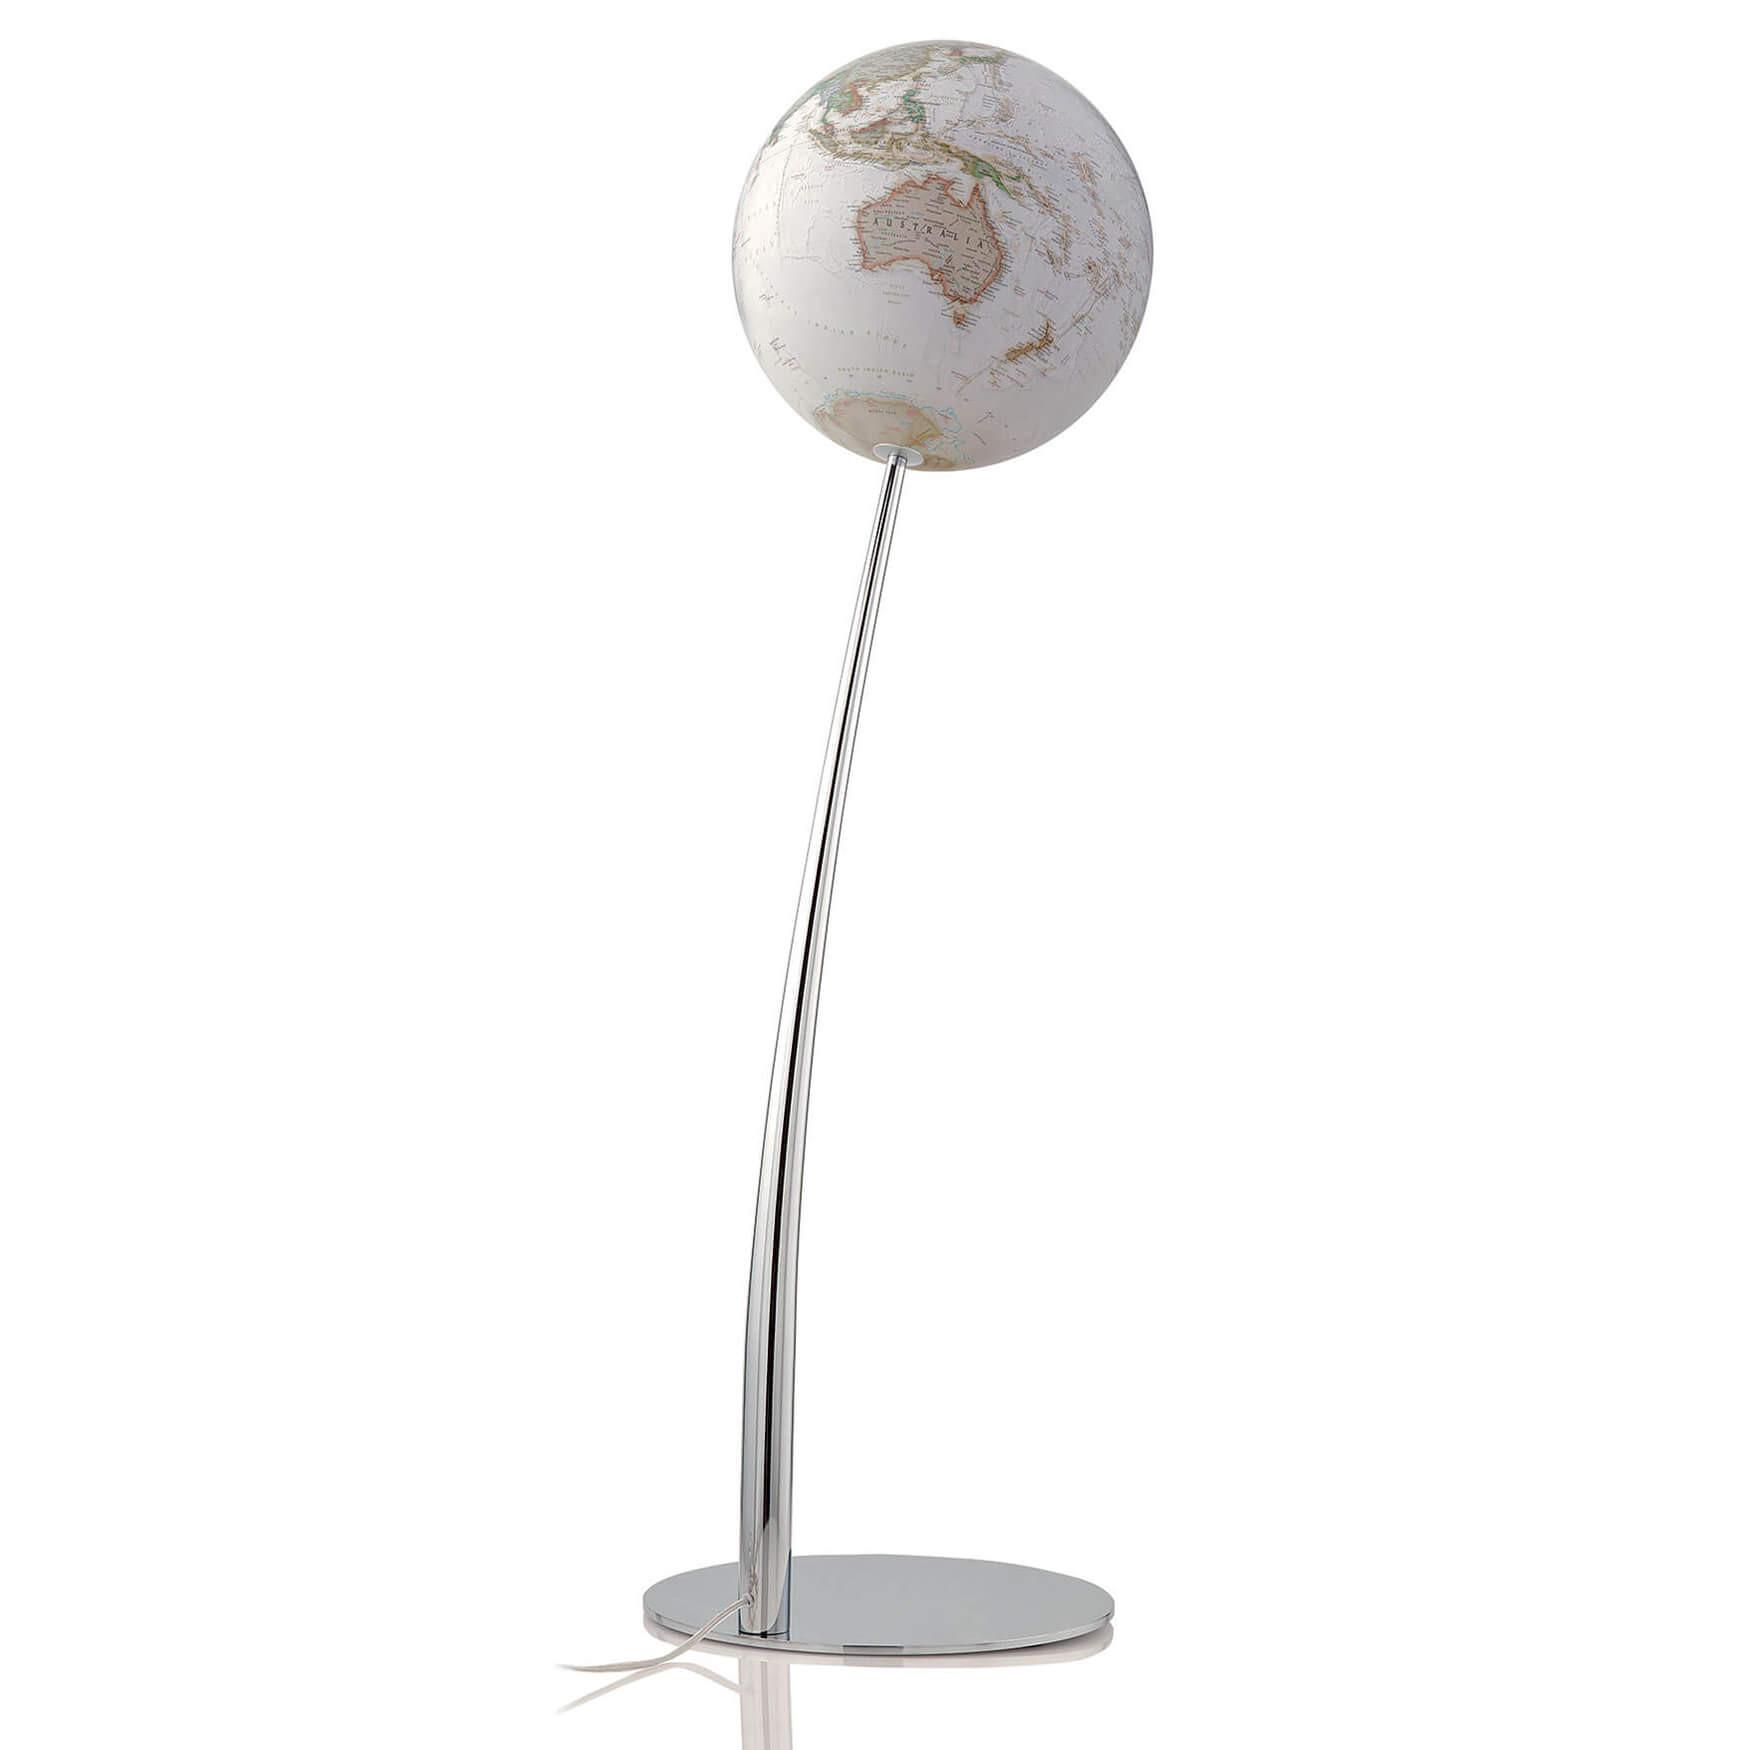 National Geographic Iron Executive Illuminated Globe